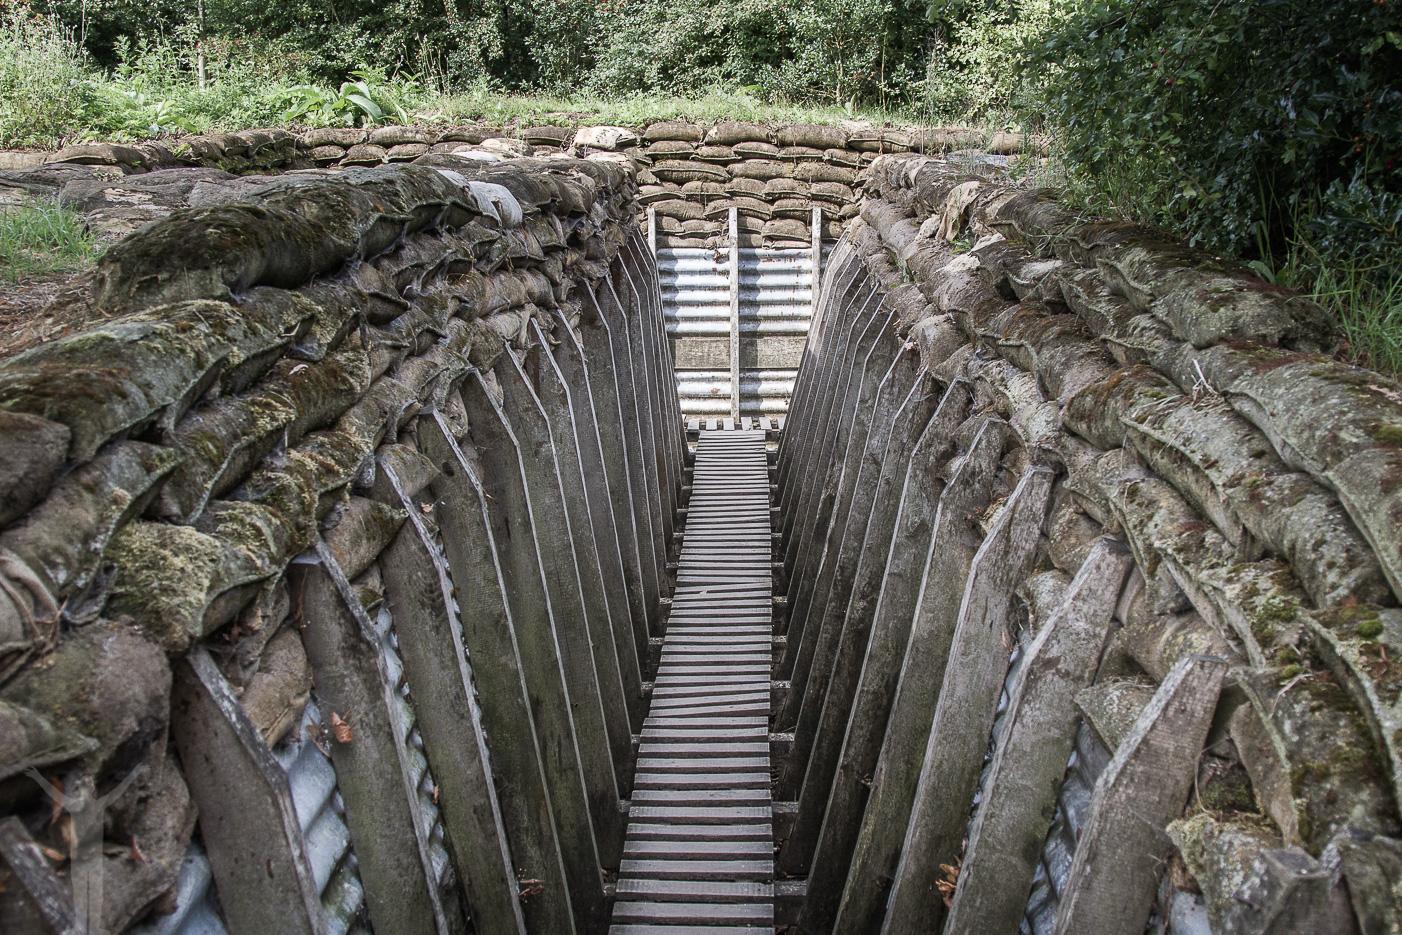 Replika på skyttegrav